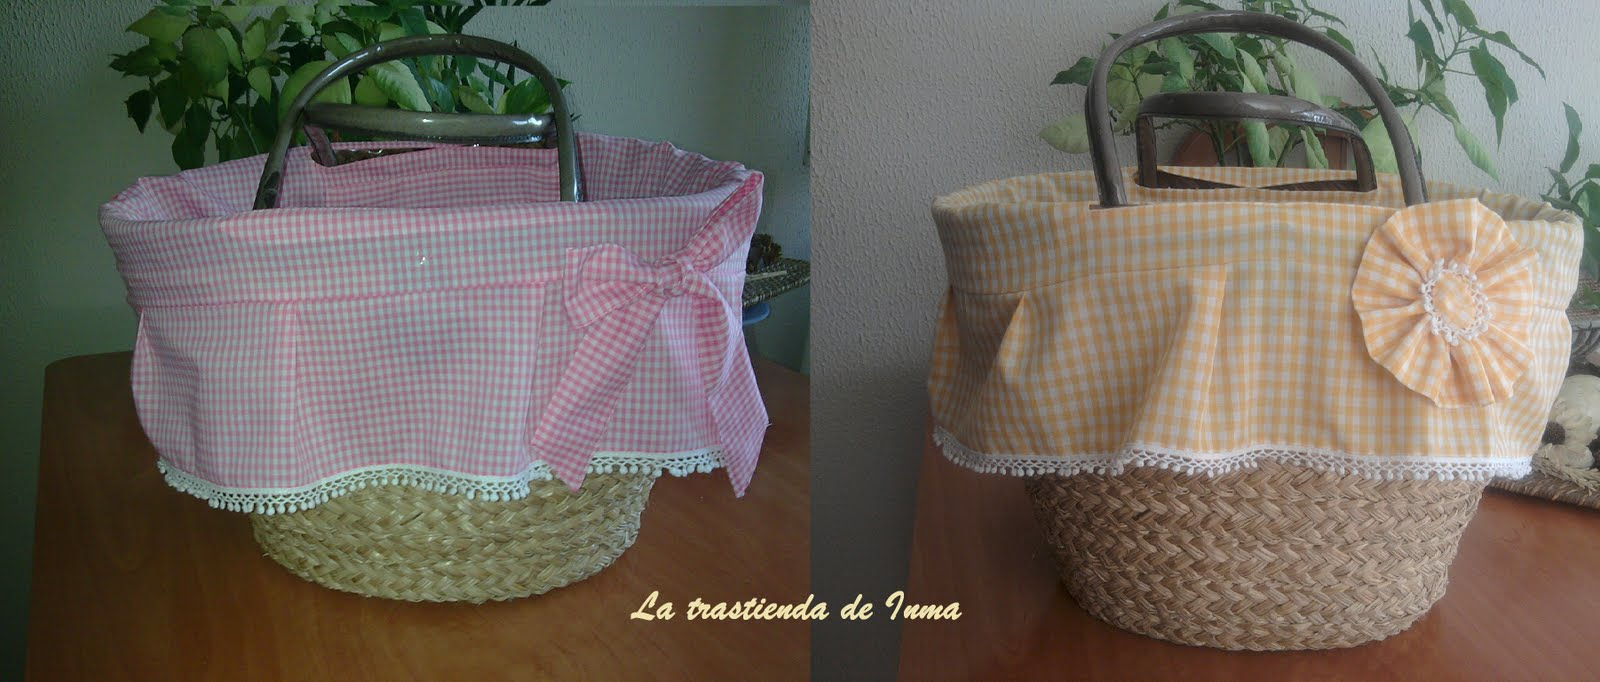 La trastienda de inma cesto de mimbre para la playa - Como forrar una cesta de mimbre ...